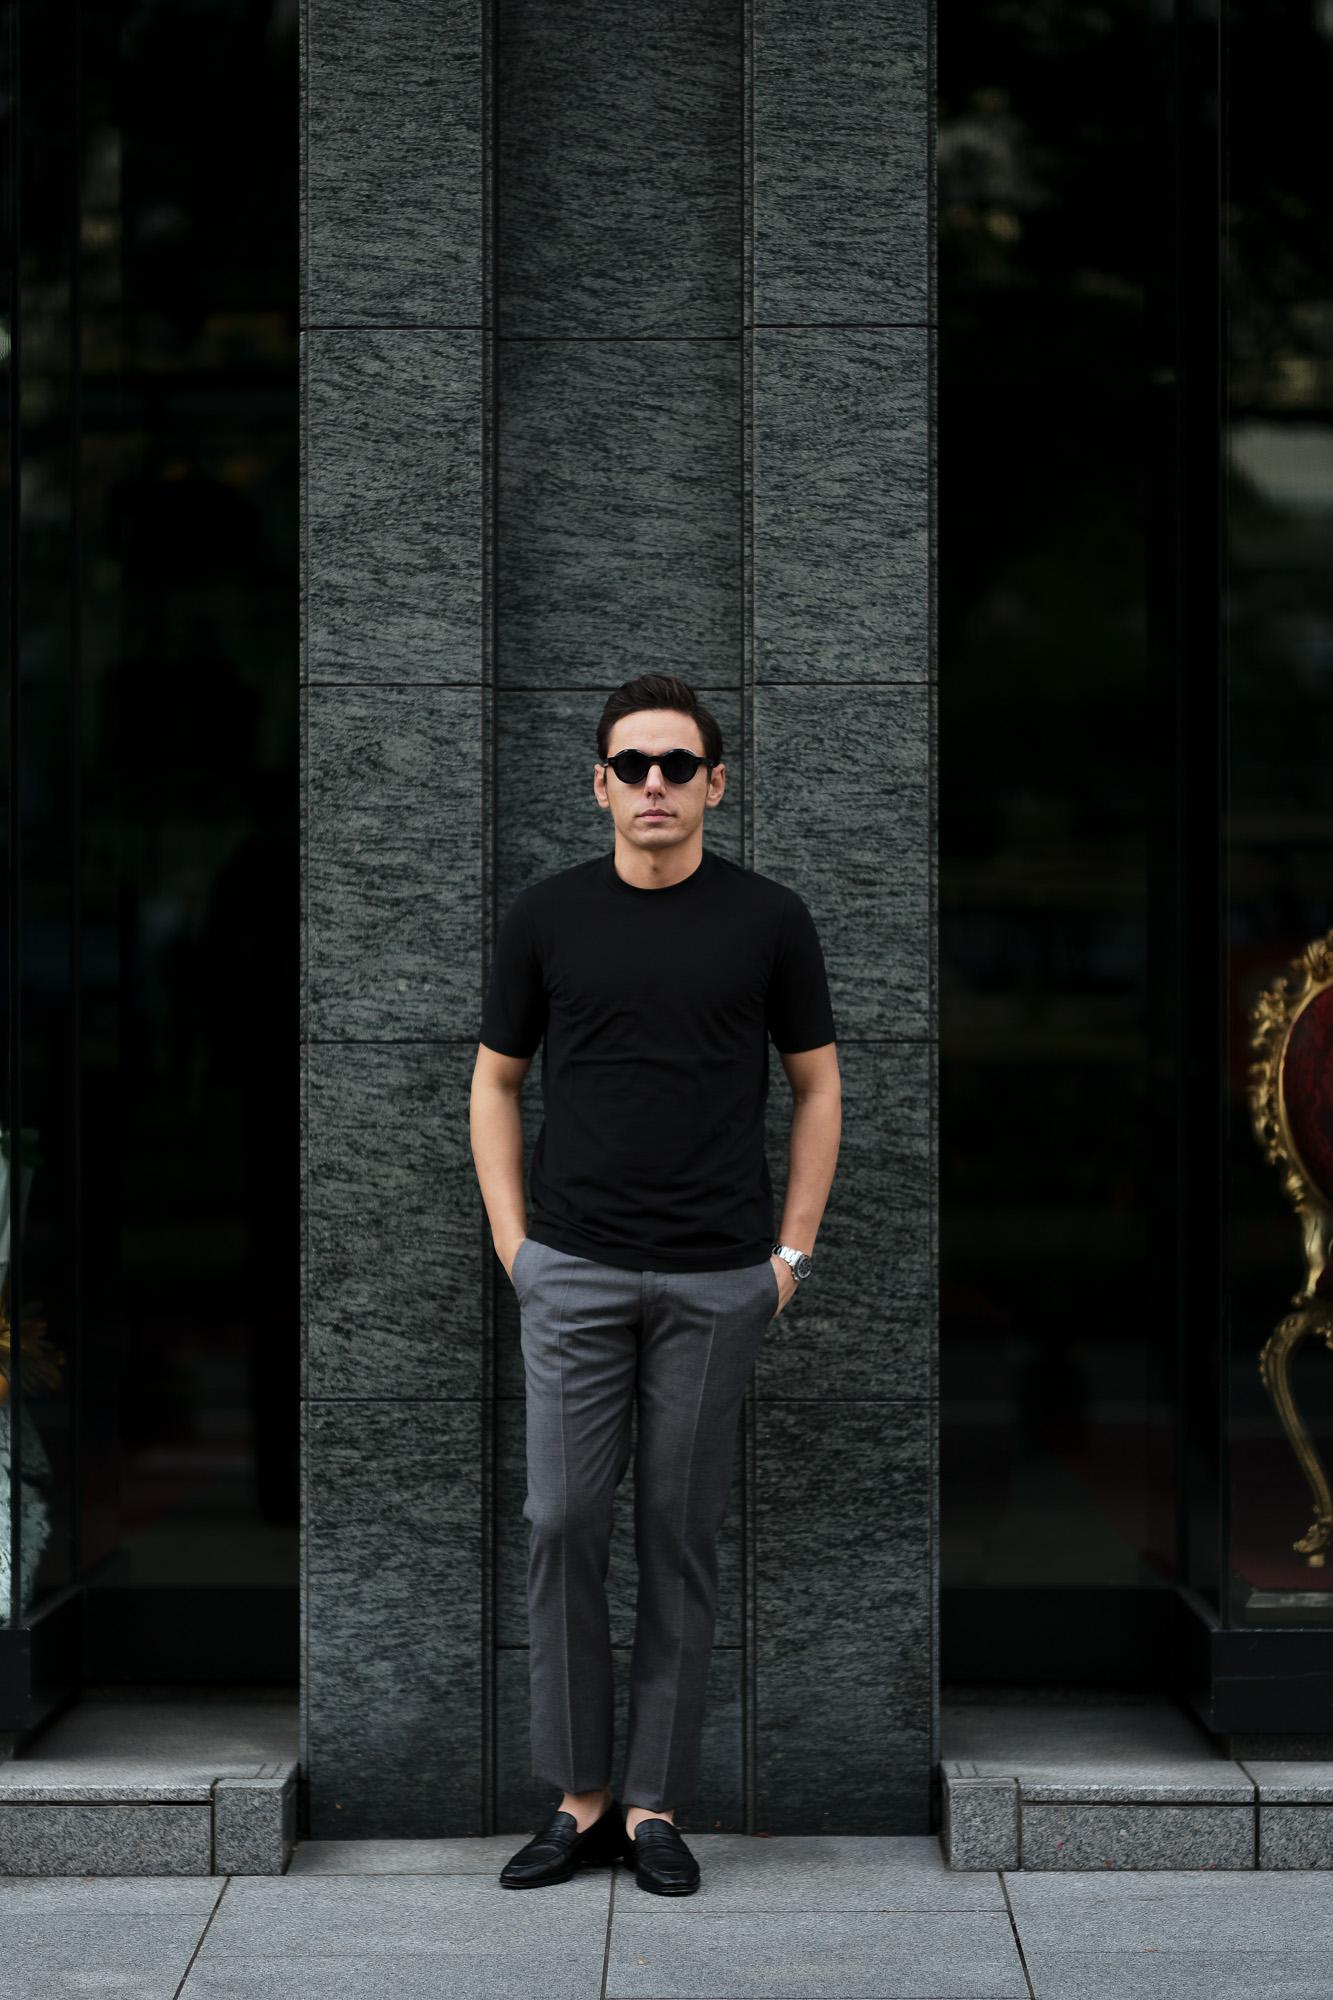 ZANONE(ザノーネ) Crew Neck T-shirt (クルーネックTシャツ) ice cotton アイスコットン Tシャツ BLACK (ブラック・Z0015) MADE IN ITALY(イタリア製) 2020 春夏 【ご予約受付中】愛知 名古屋 altoediritto アルトエデリット tee 夏Tシャツ